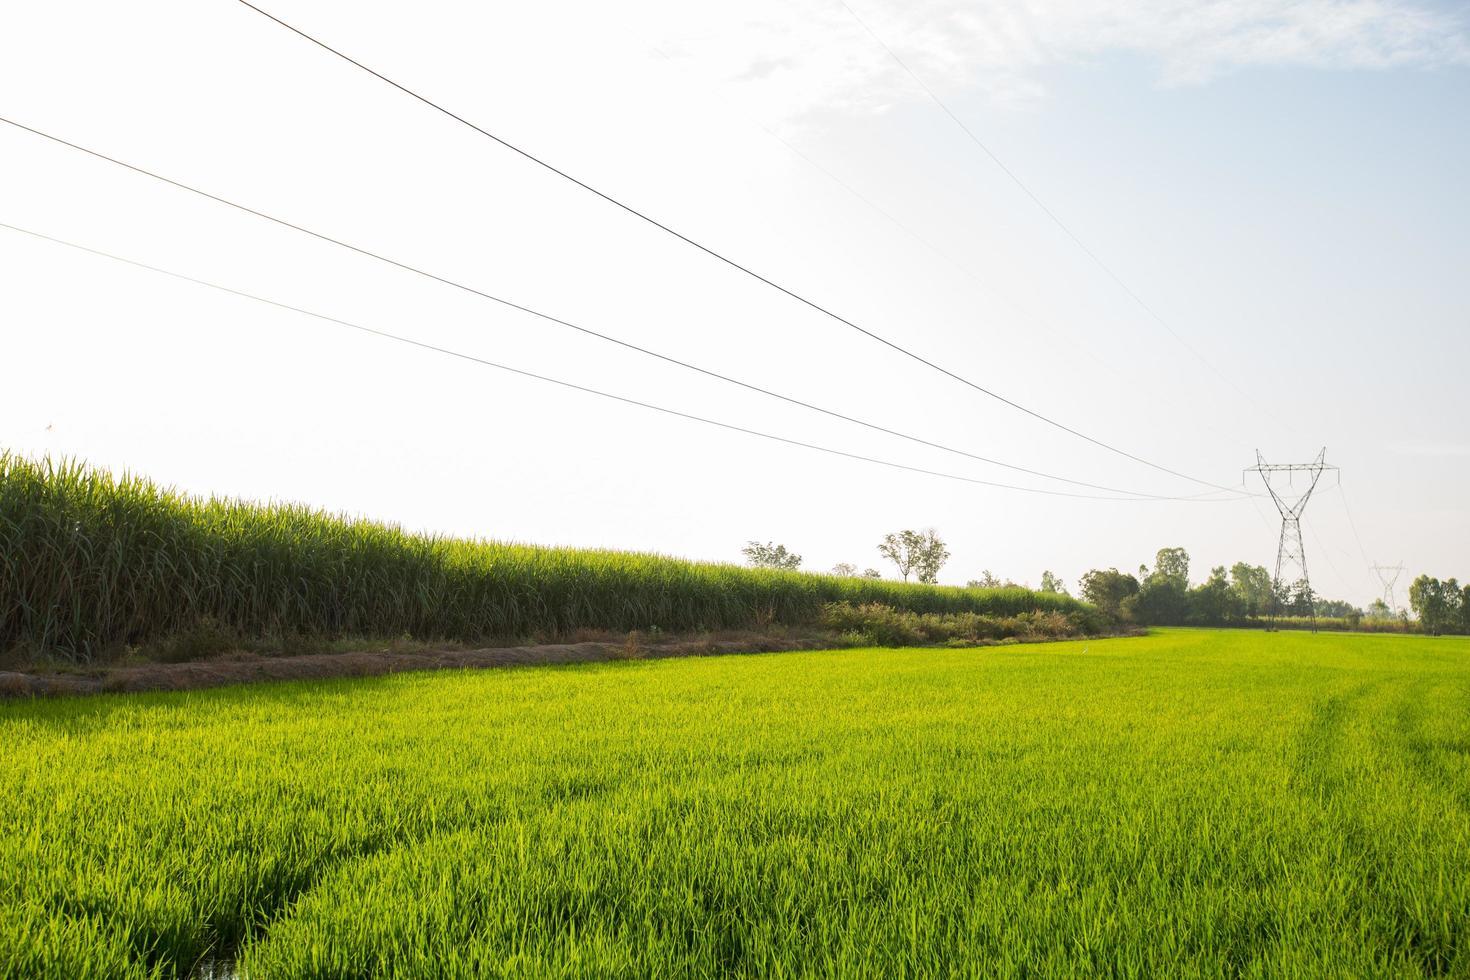 Líneas de transmisión de electricidad sobre campos de arroz. foto